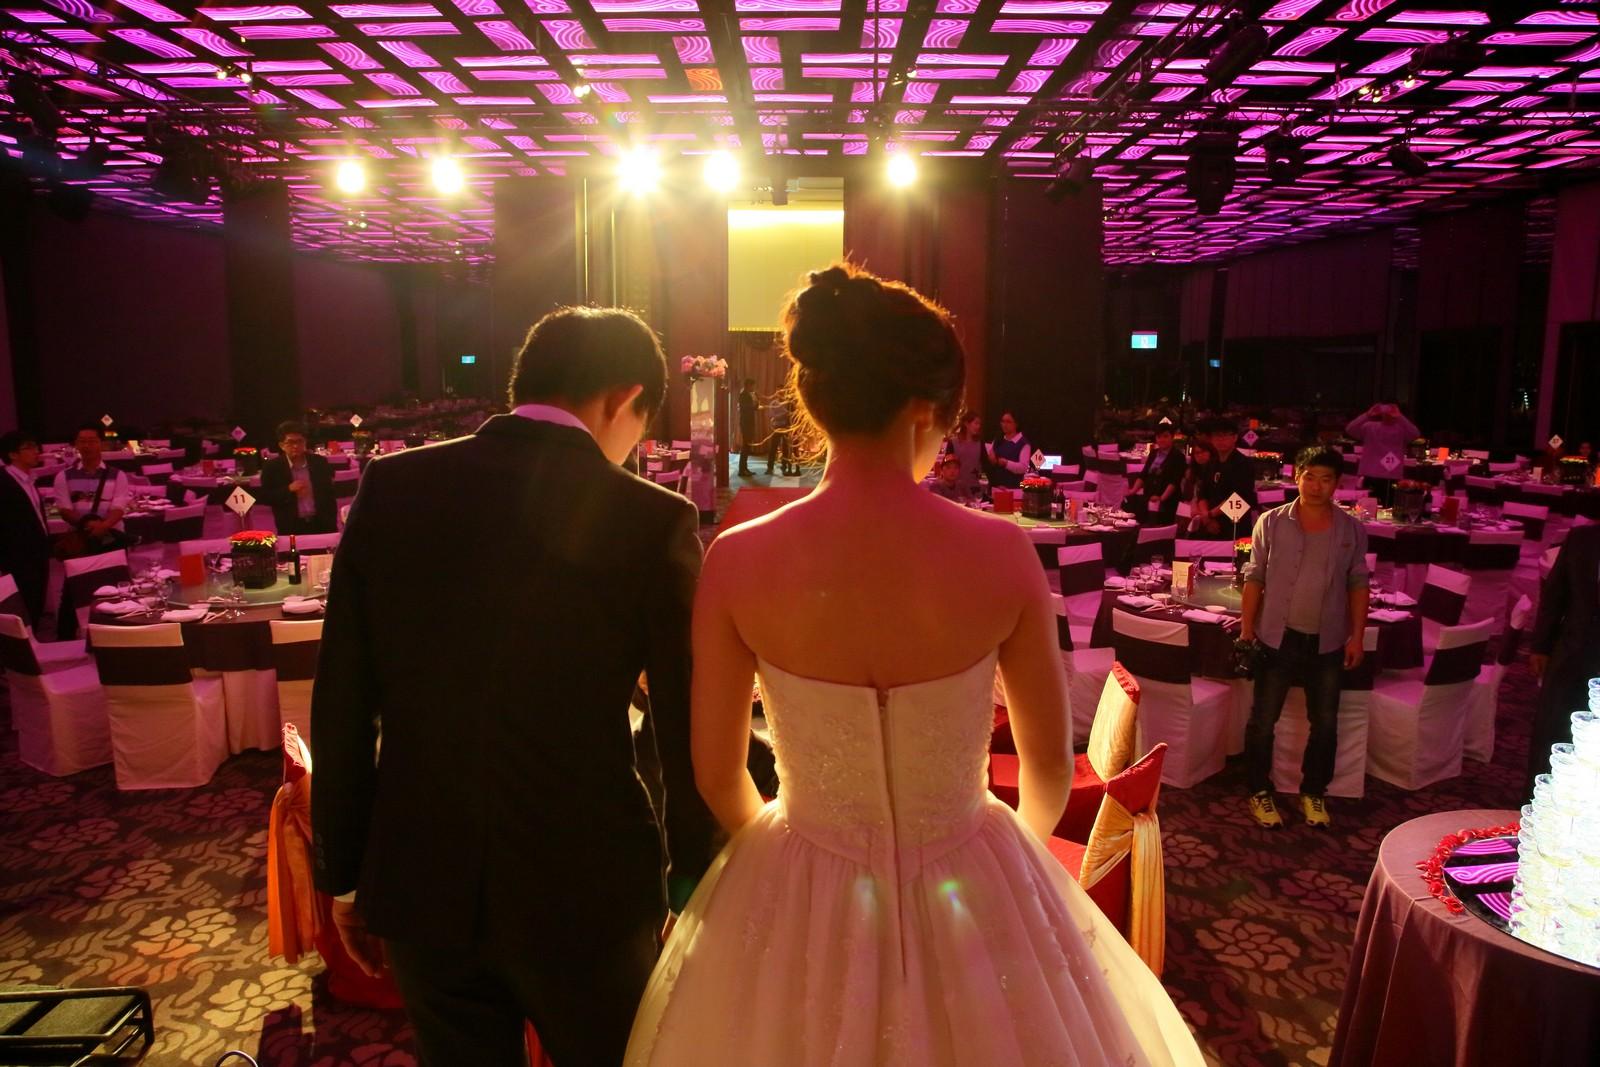 婚禮攝影,婚攝推薦,婚禮攝影師,婚紗展推薦